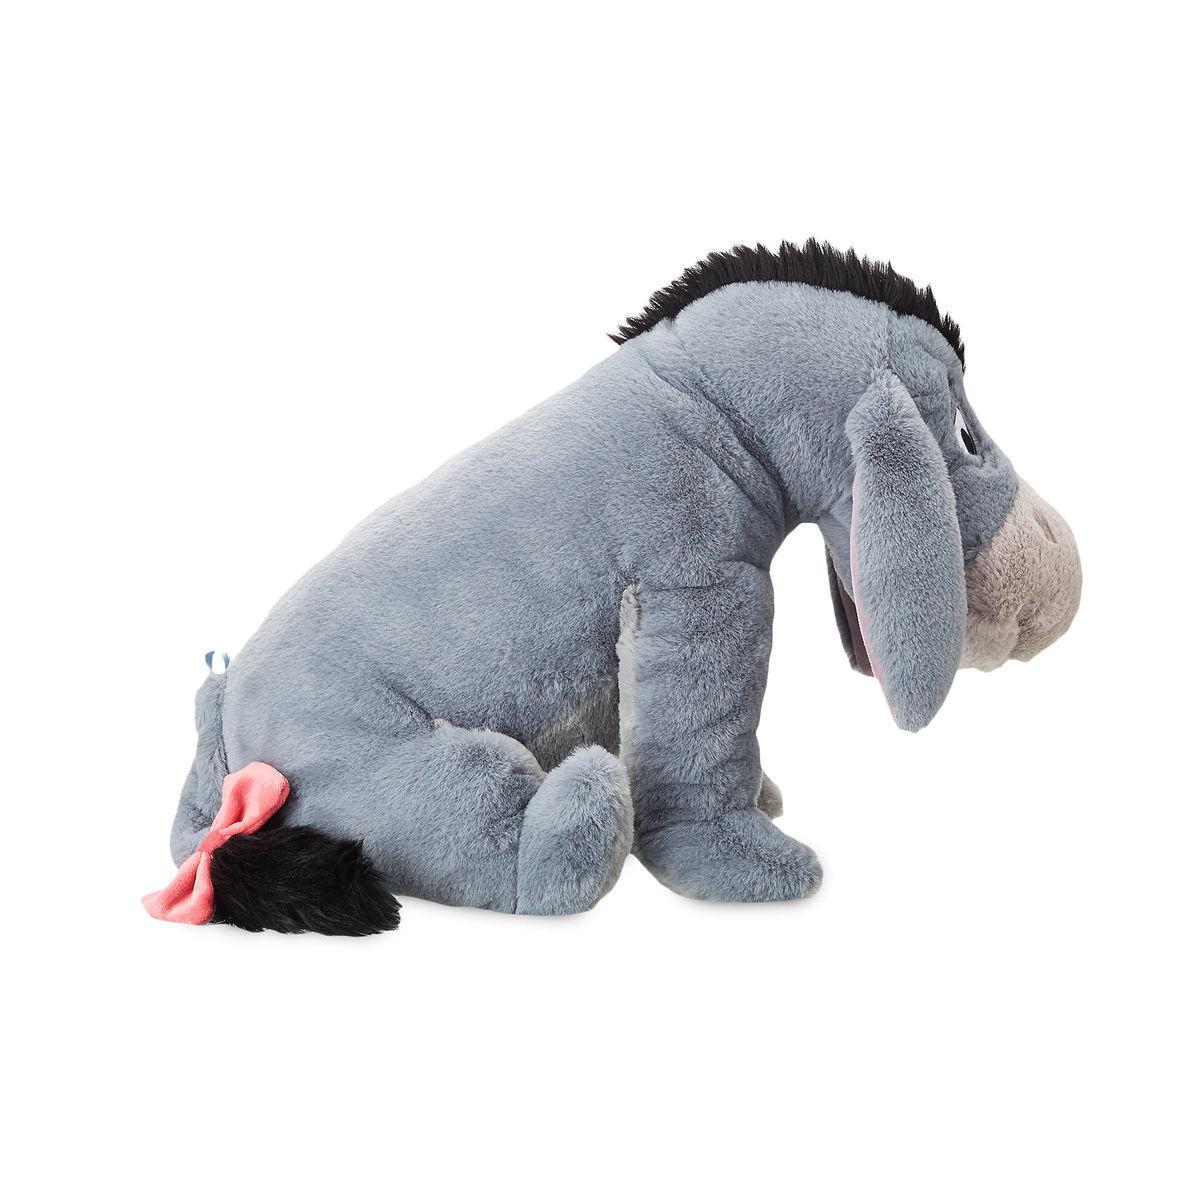 Мягкая игрушка «Ослик Иа-Иа» Дисней - 29 см